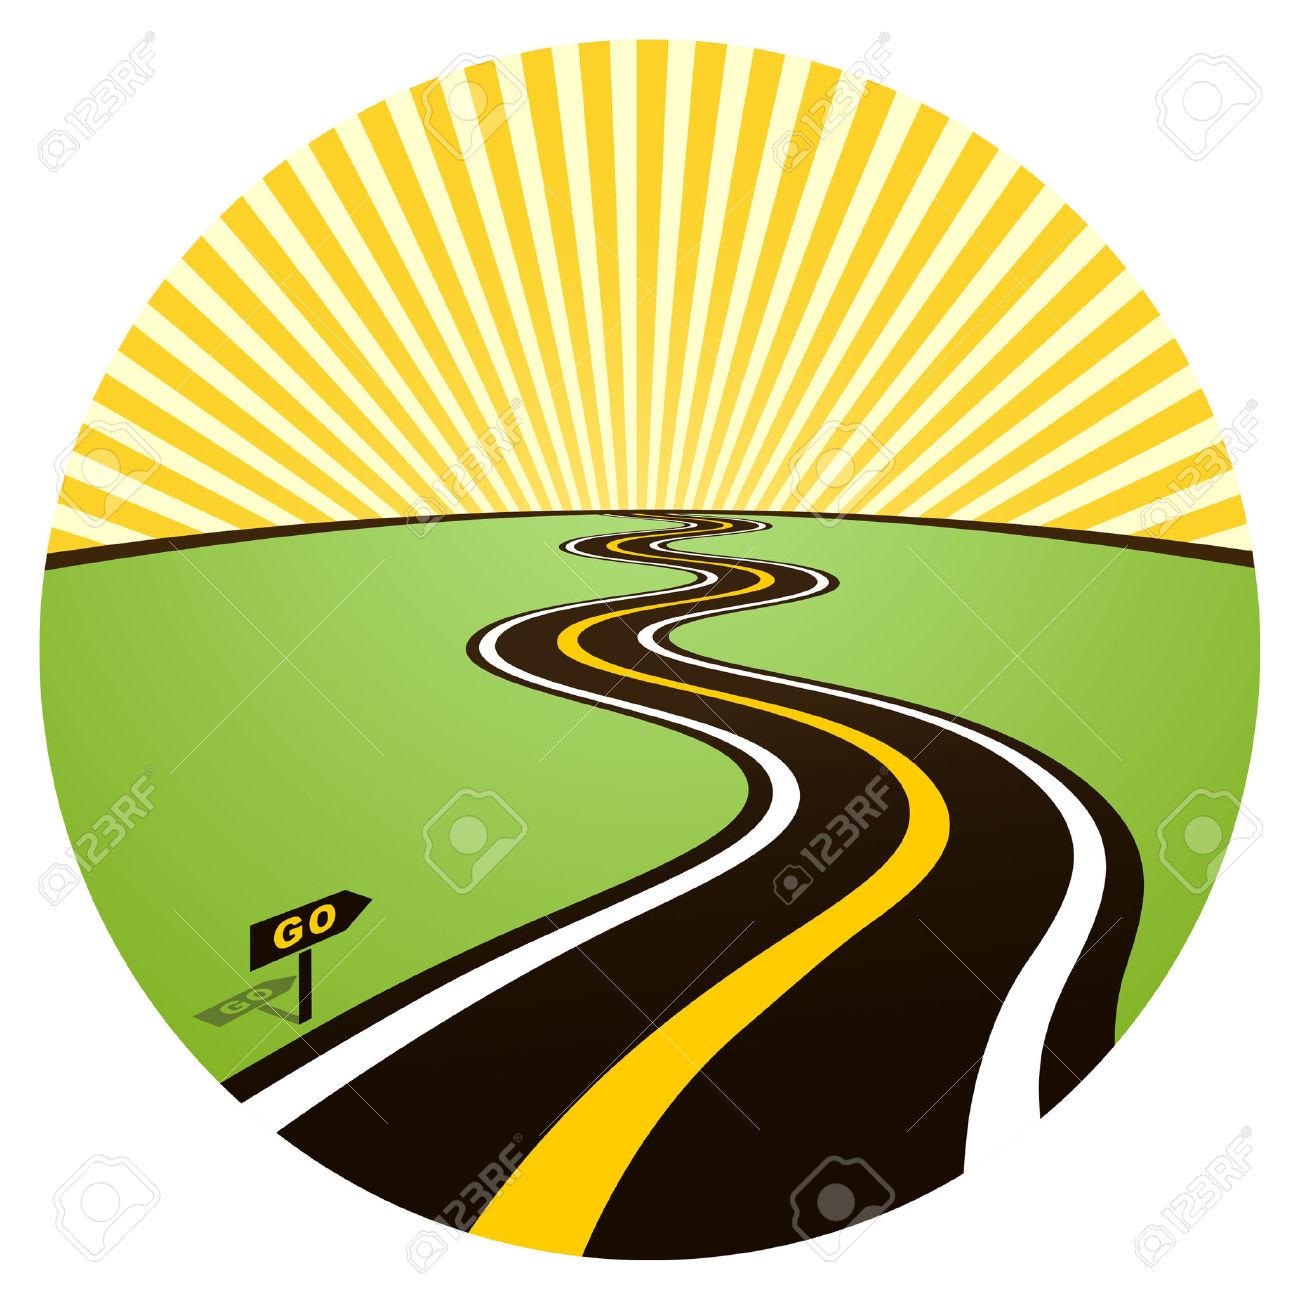 Freeway clipart road map Com Road Clipart Clipartner Horizon